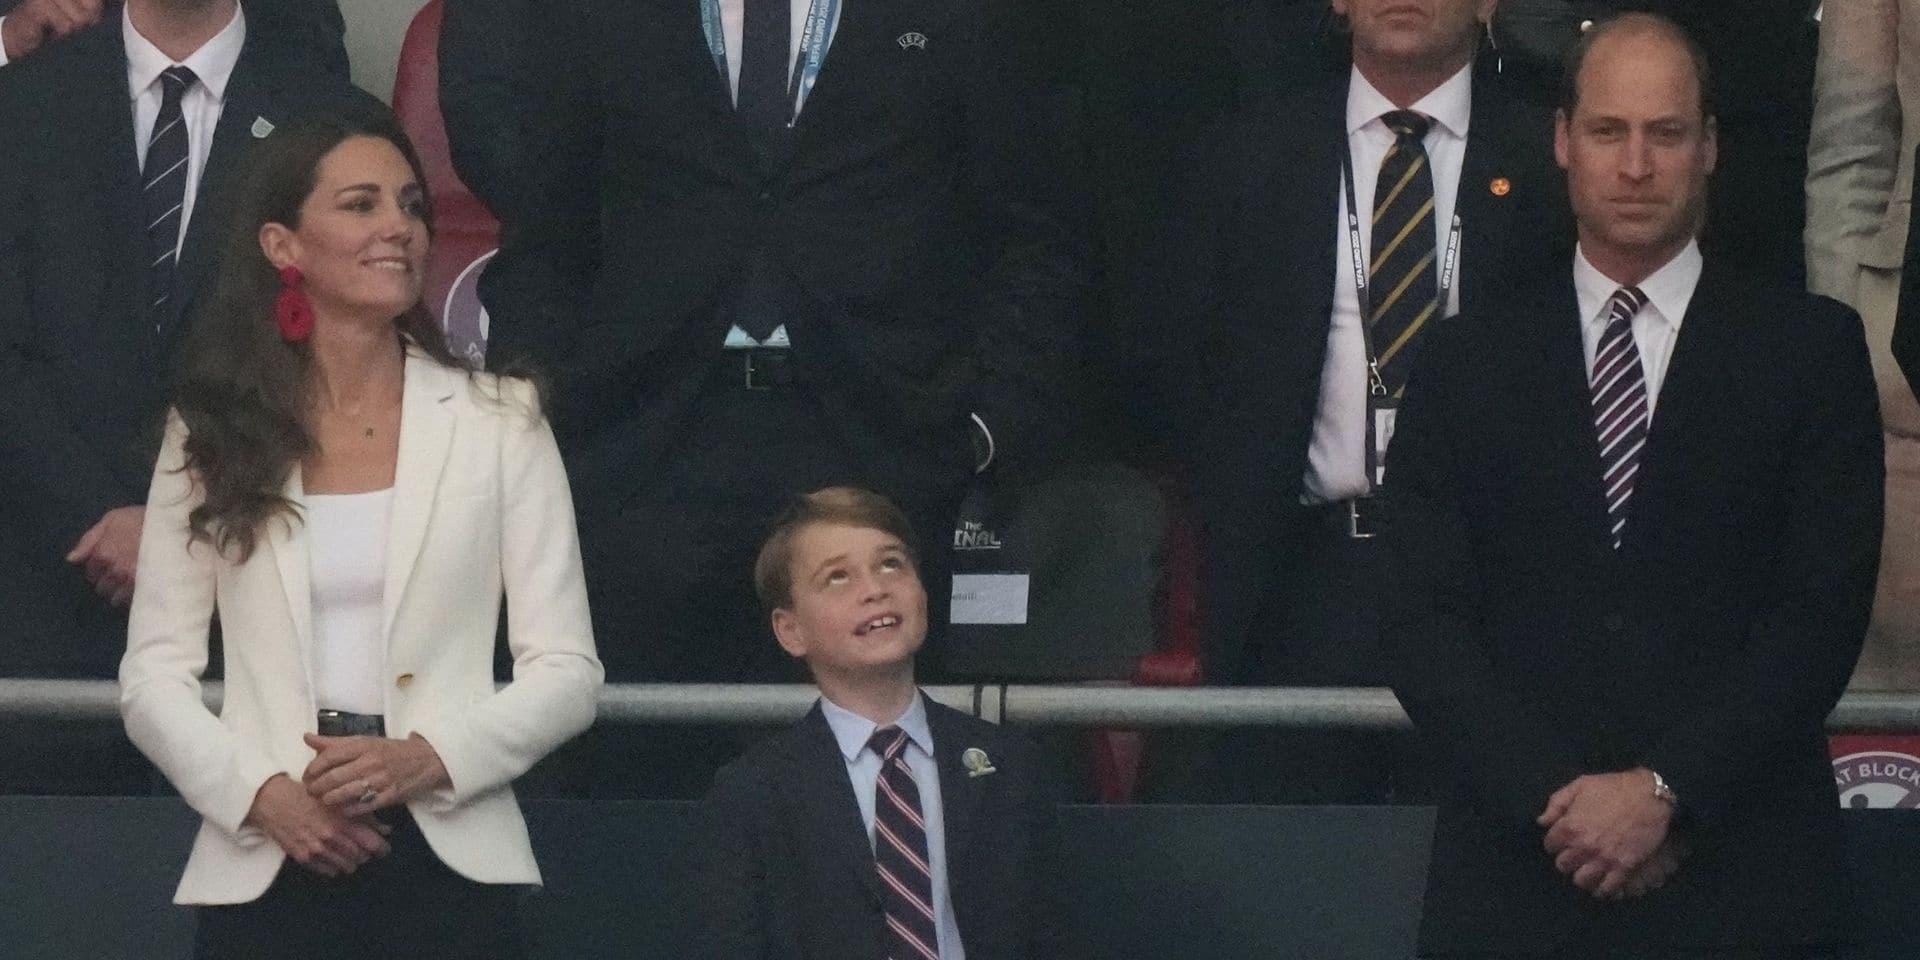 La réaction géniale du prince George sur le but anglais (VIDEO)